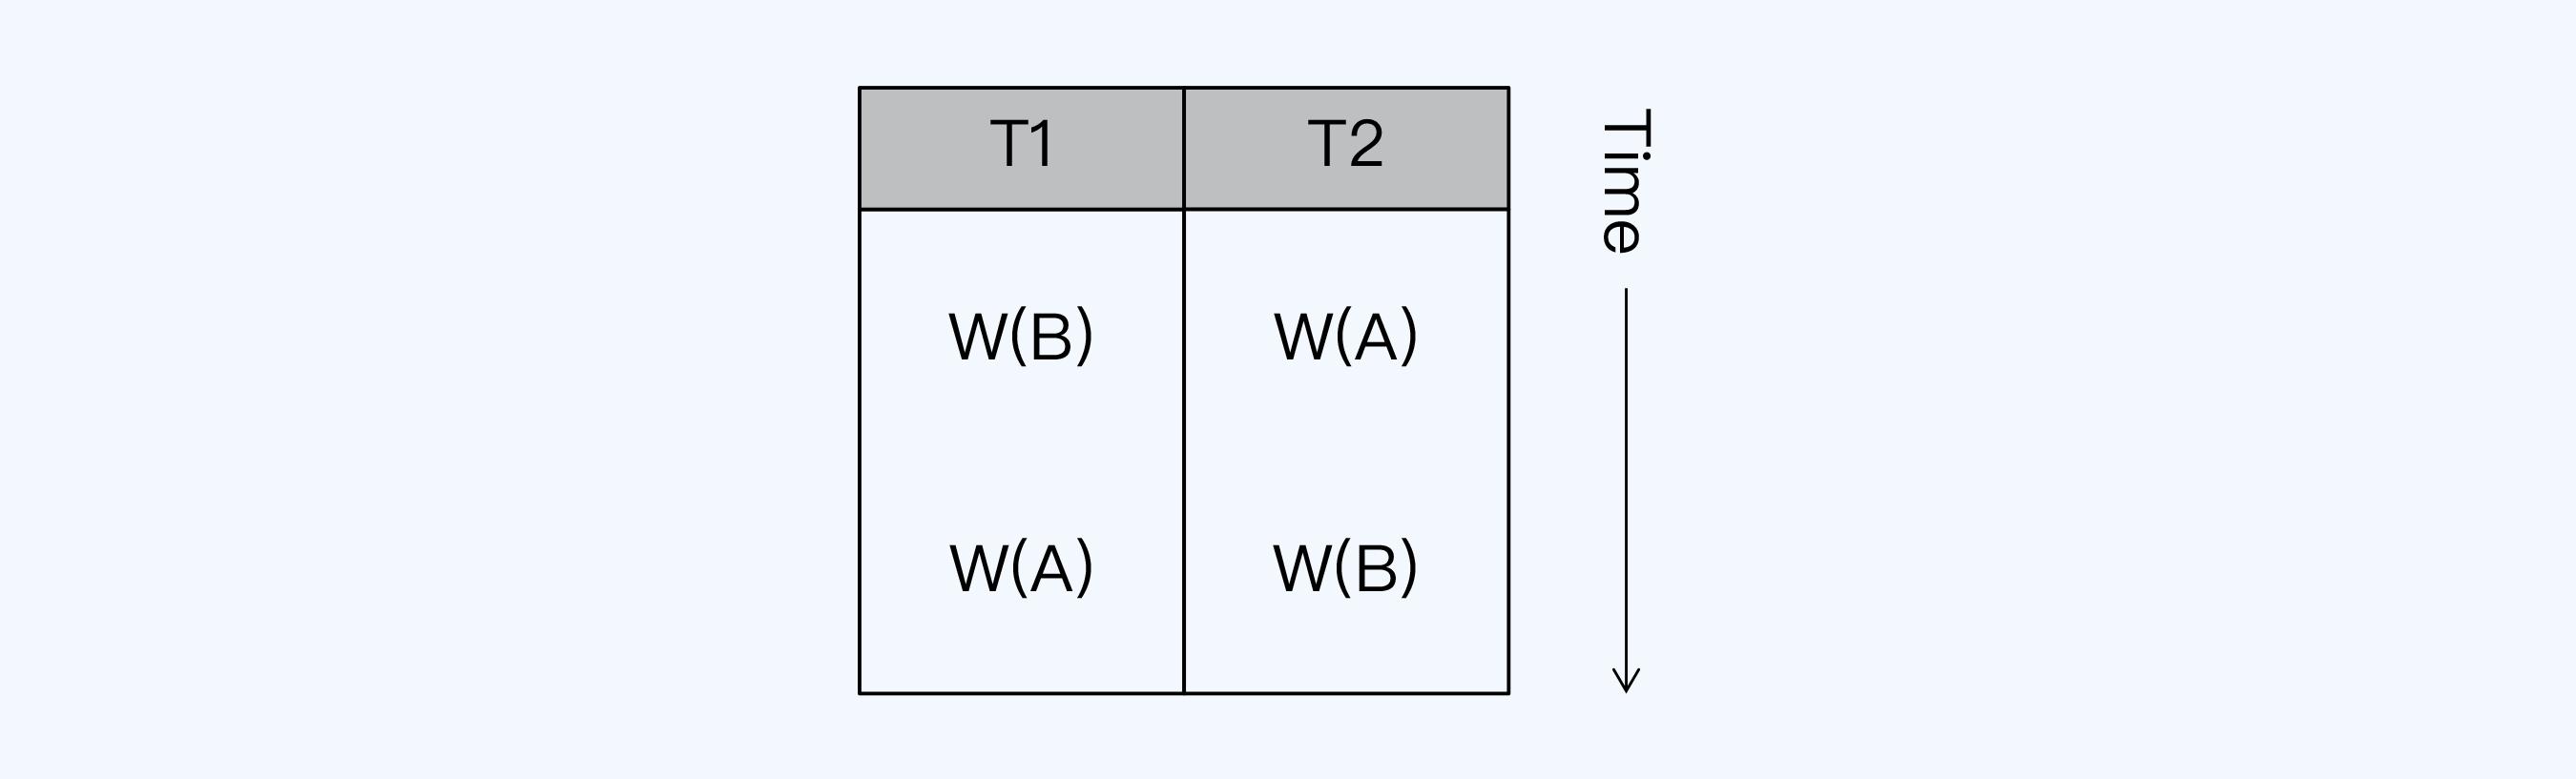 串行化图2